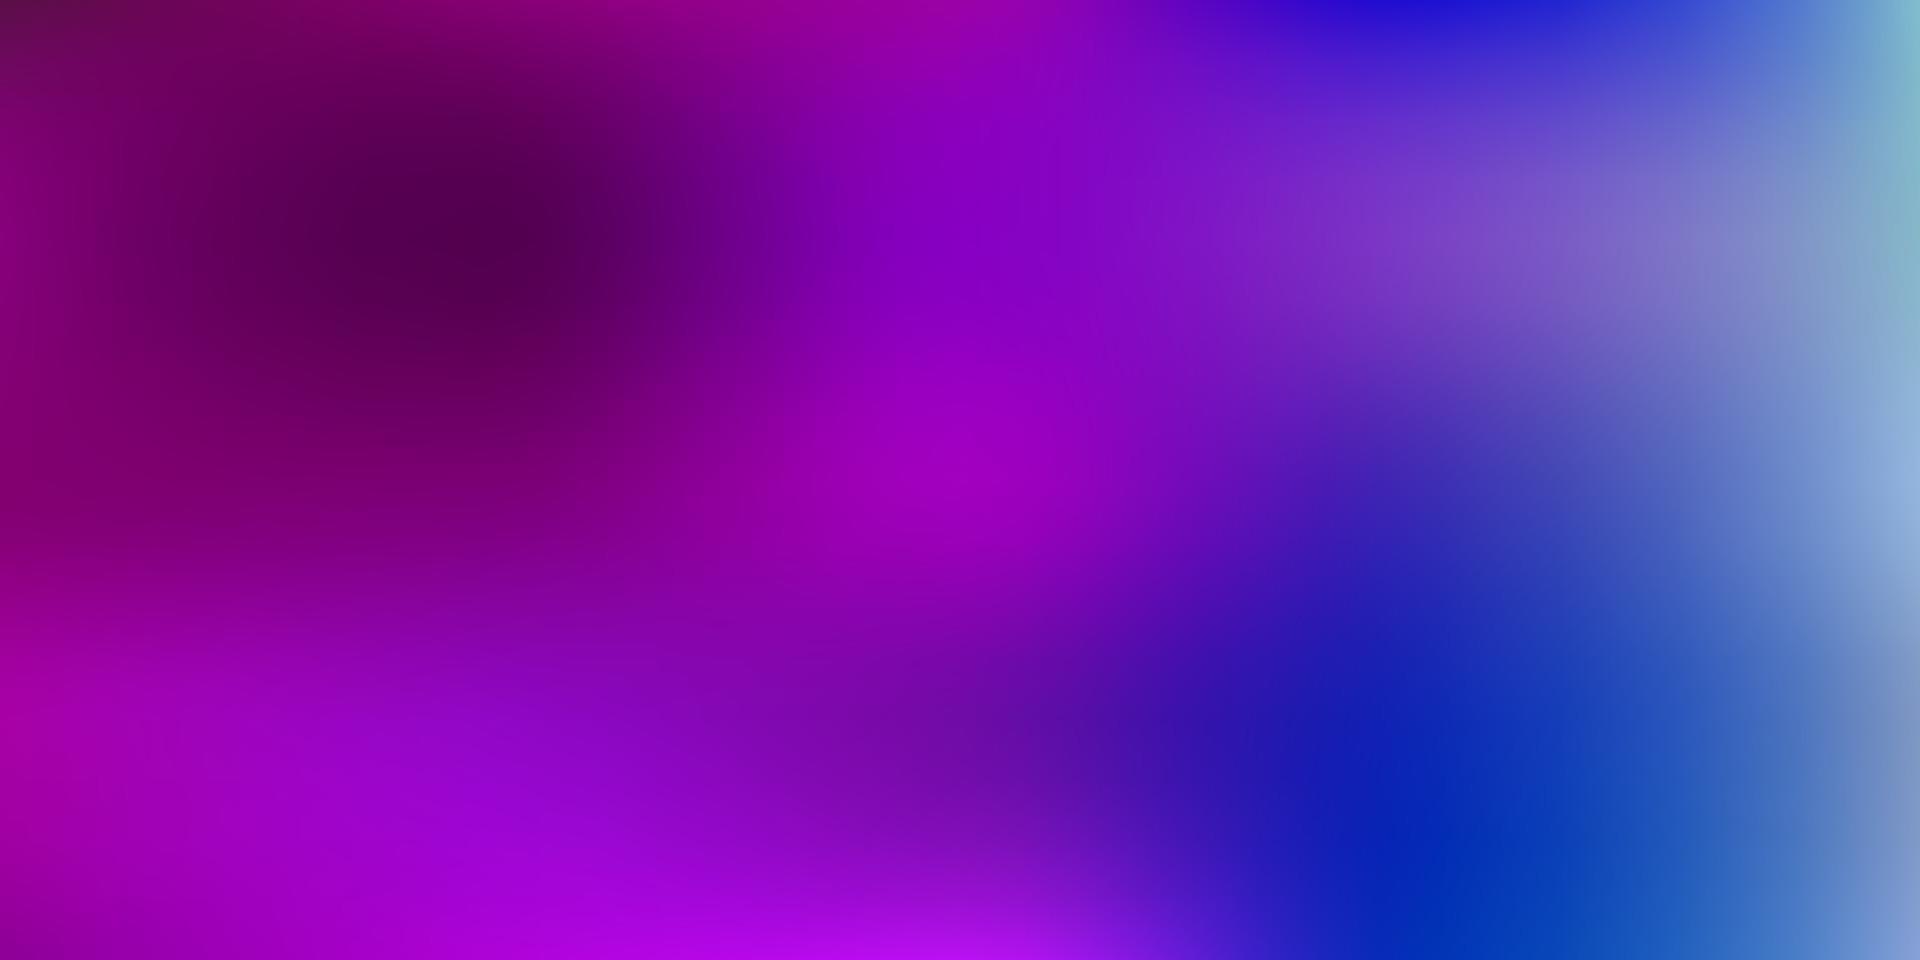 ljusrosa, blå vektor gradient oskärpa bakgrund.